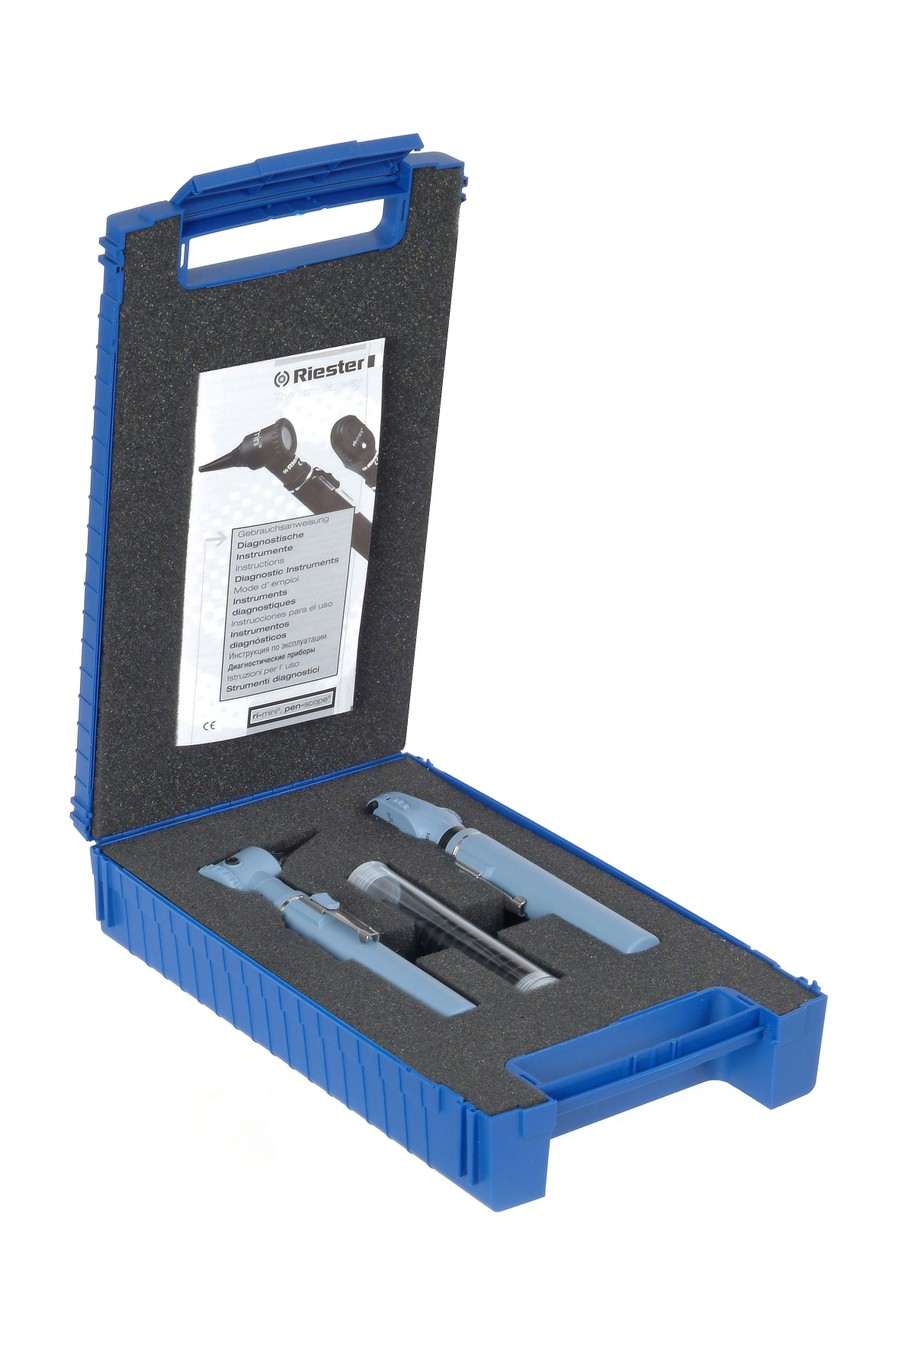 Verktygsboxar, verktygshållare, förvaringsbox, förvaringsväska. Reservdelsväskor.